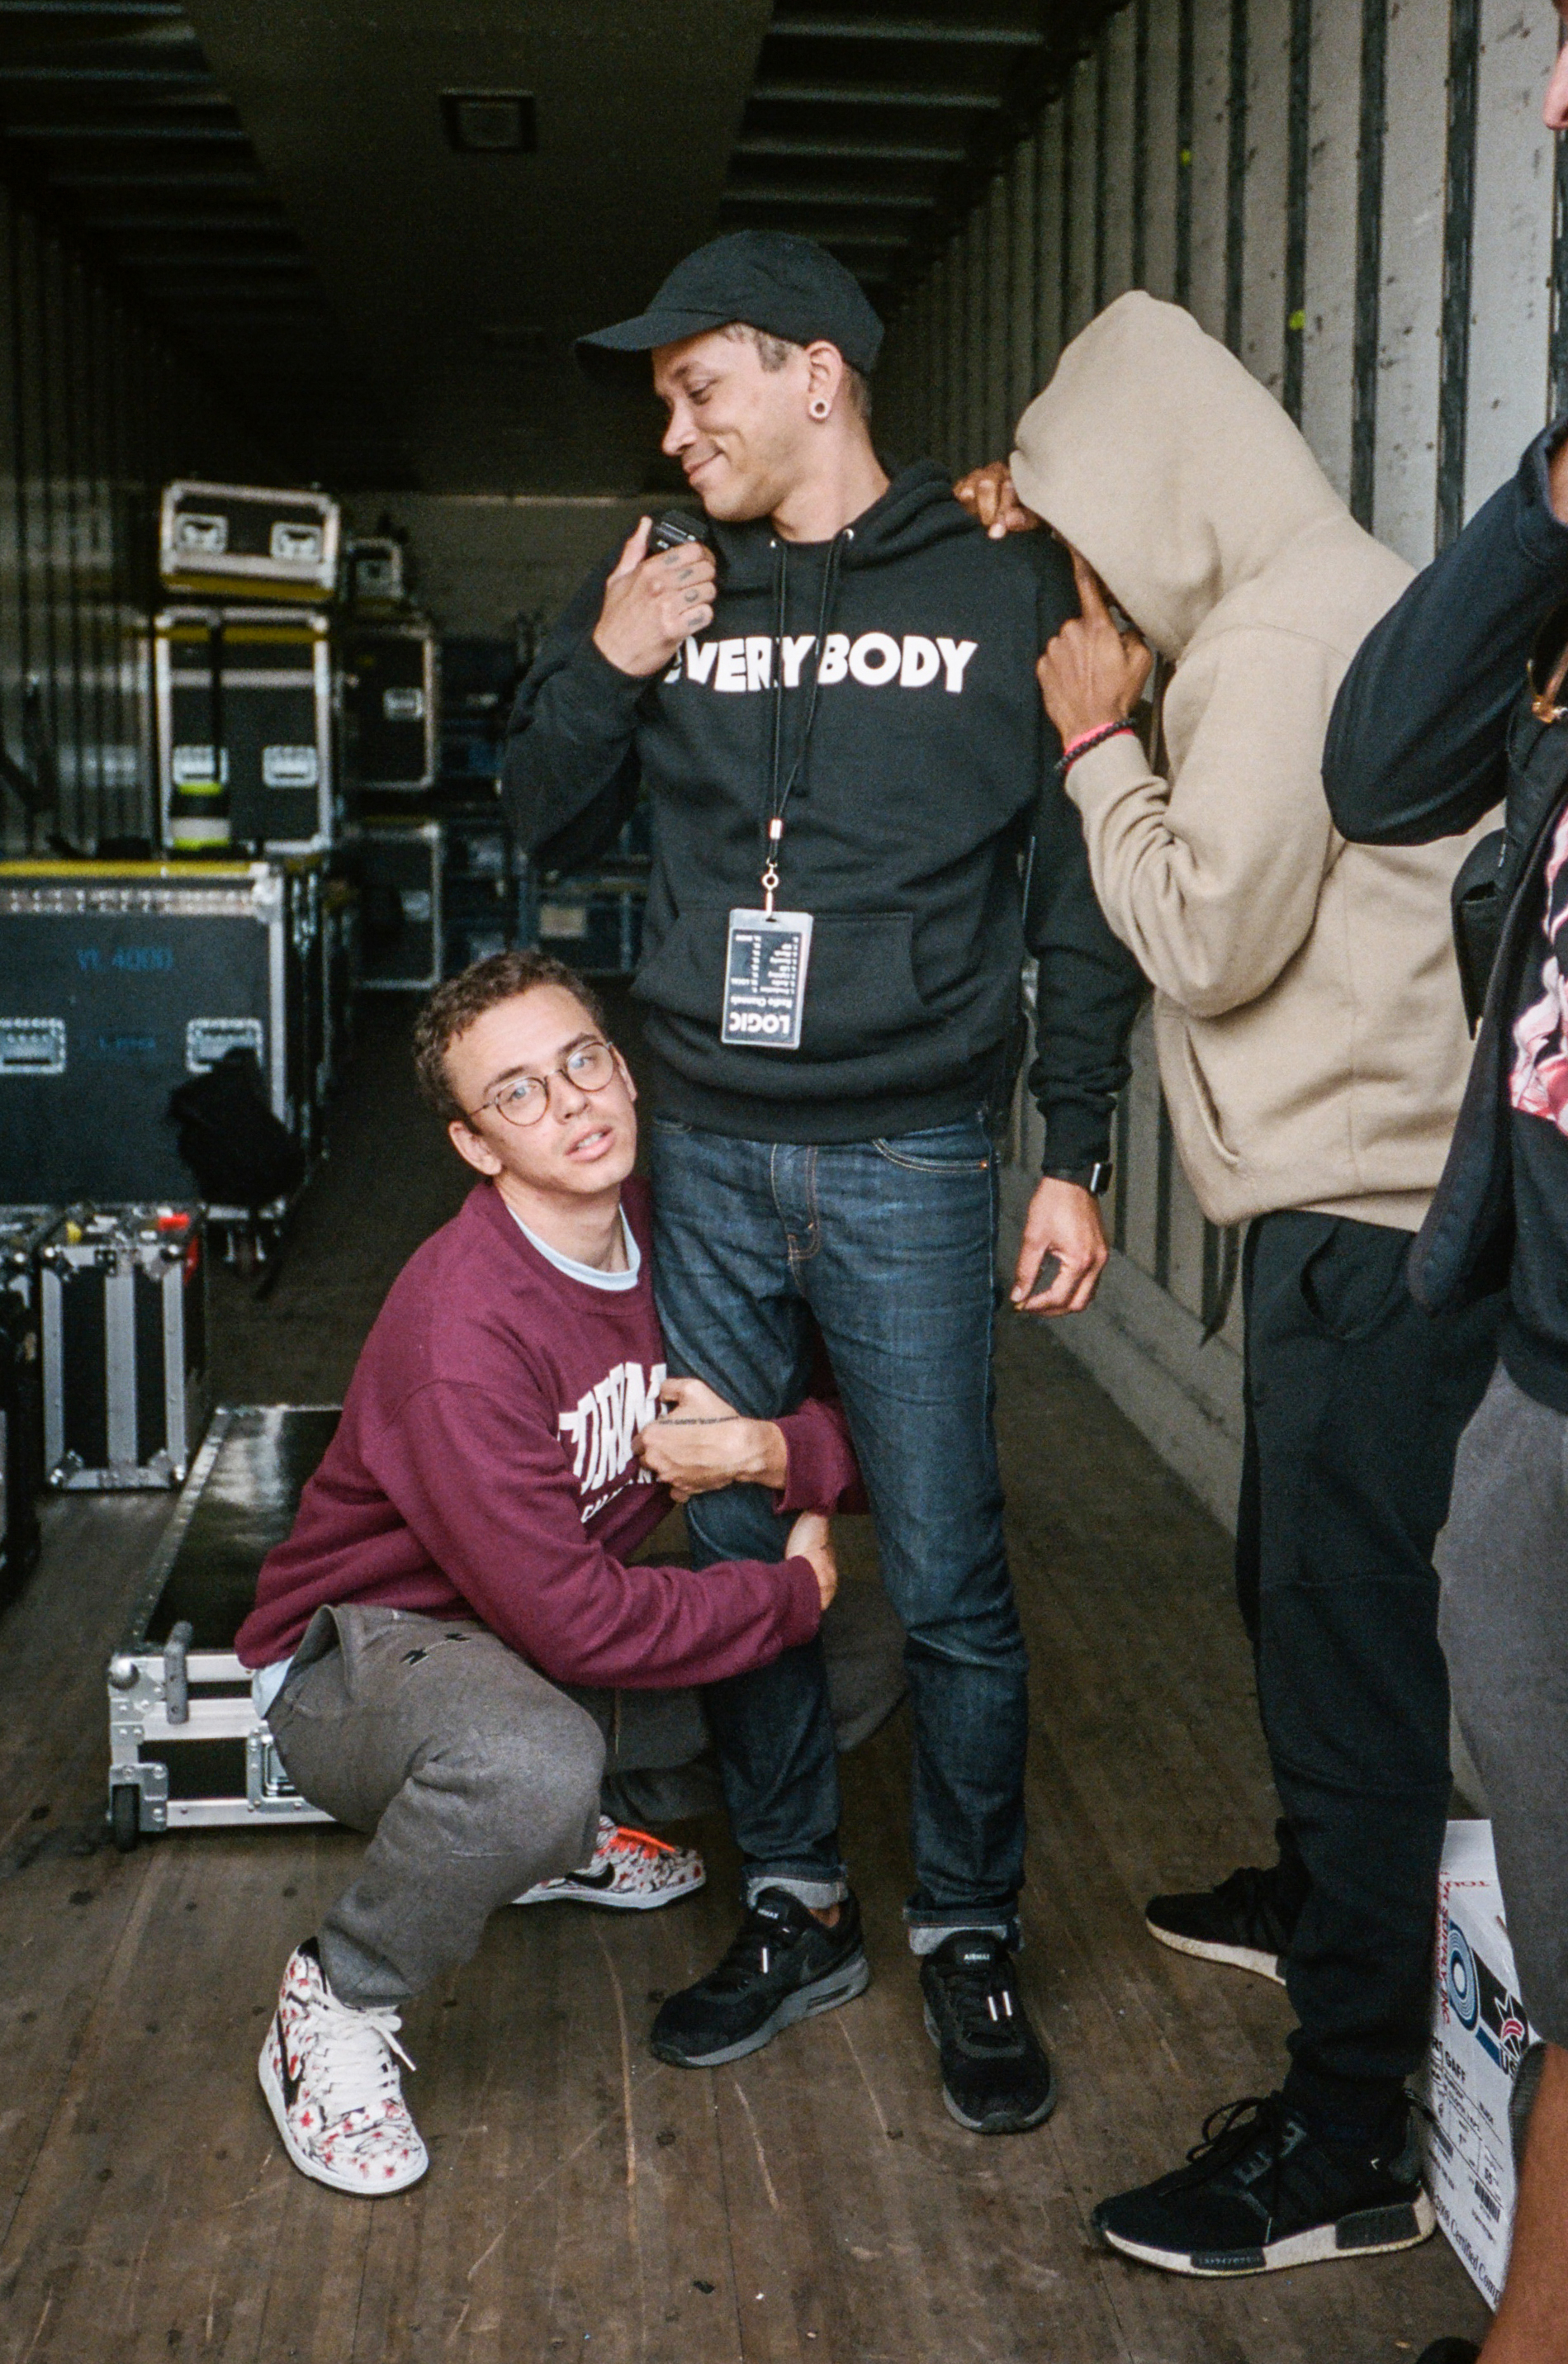 Bob hugging Joe Clays leg before the final show of tour.